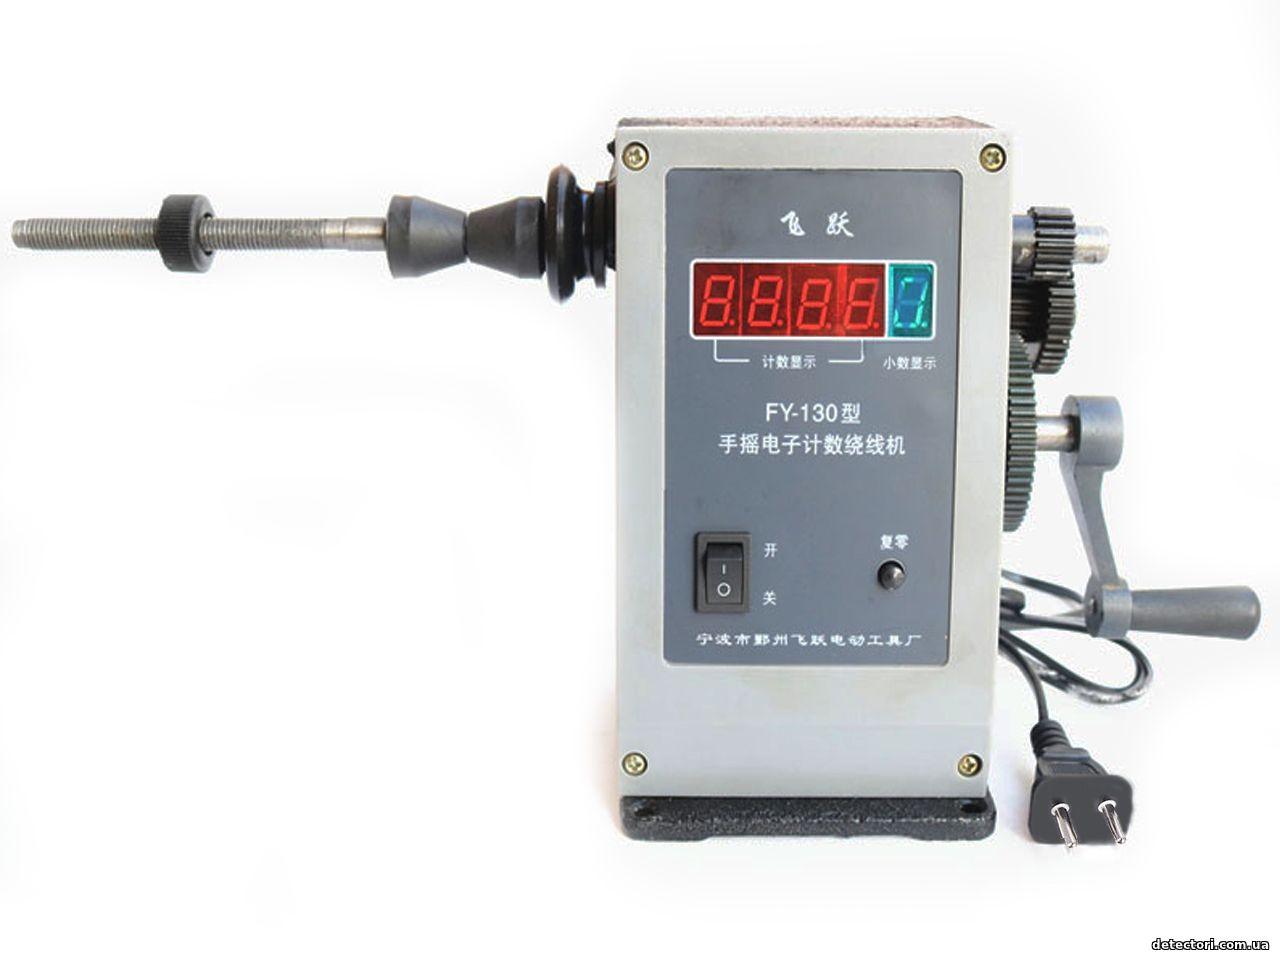 Купить настольный намоточный станок для намотки трансформаторов